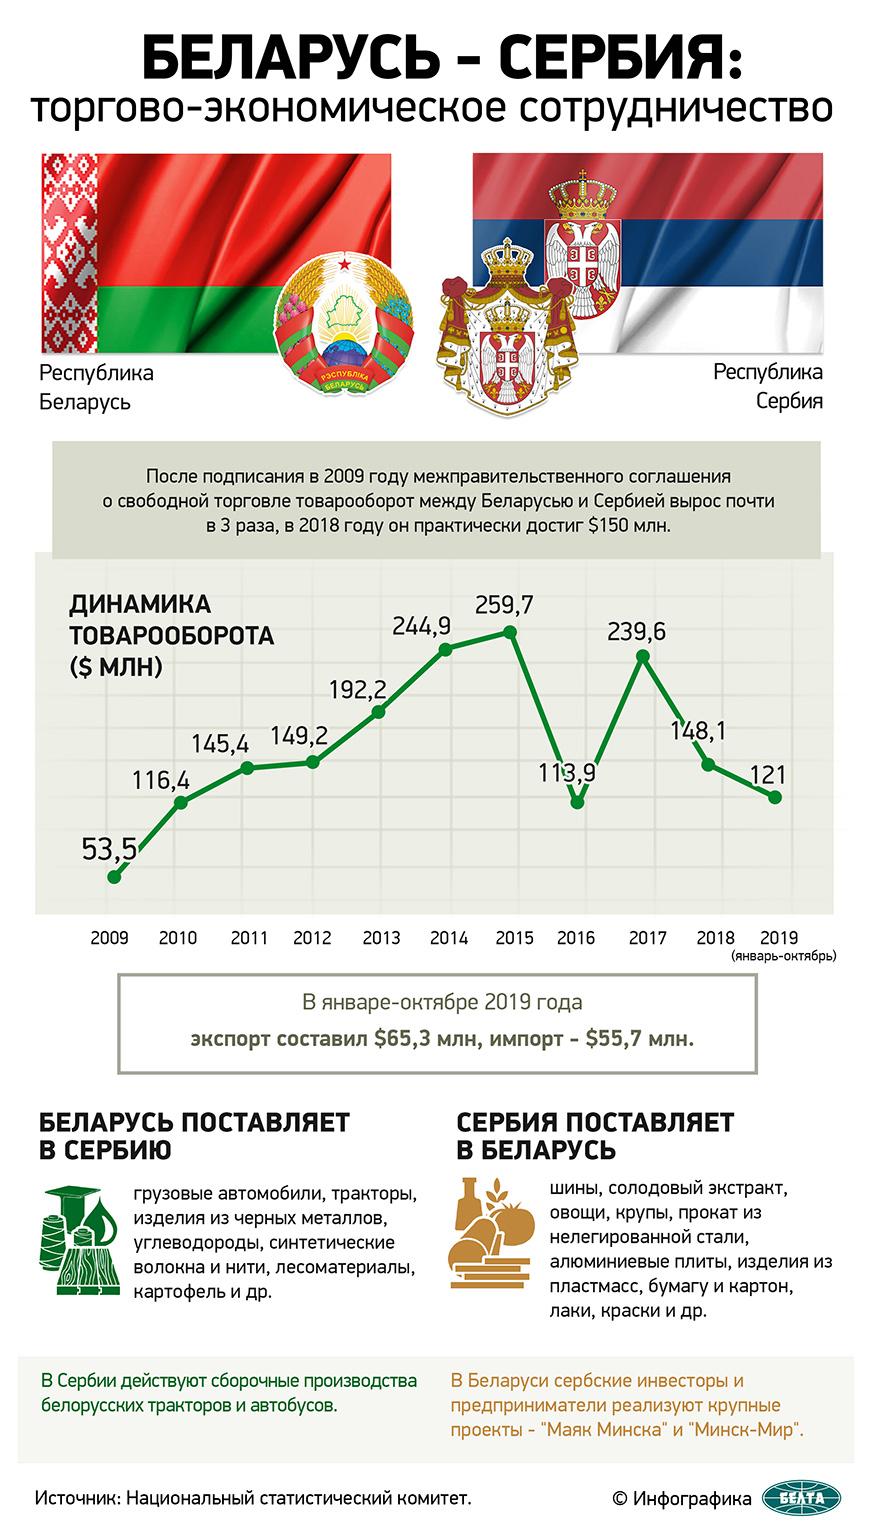 Беларусь-Сербия: торгово-экономическое сотрудничество